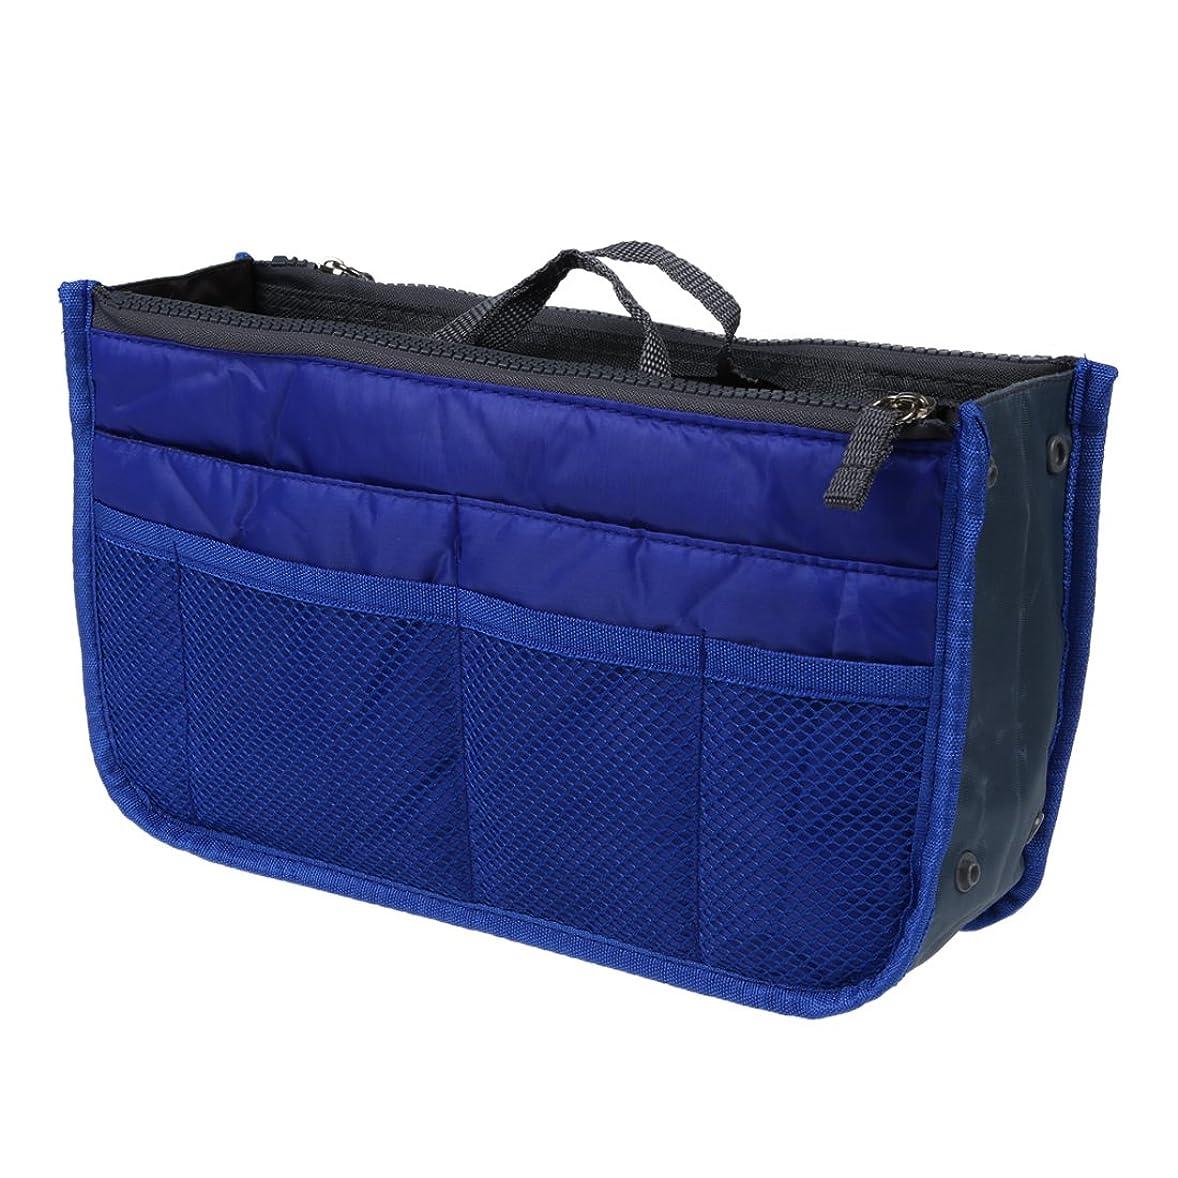 増強する出来事レンダリングハンドバッグ,SODIAL(R)ナイロンハンドバッグ インサート 化粧品 ガジェット 財布(ネービー)